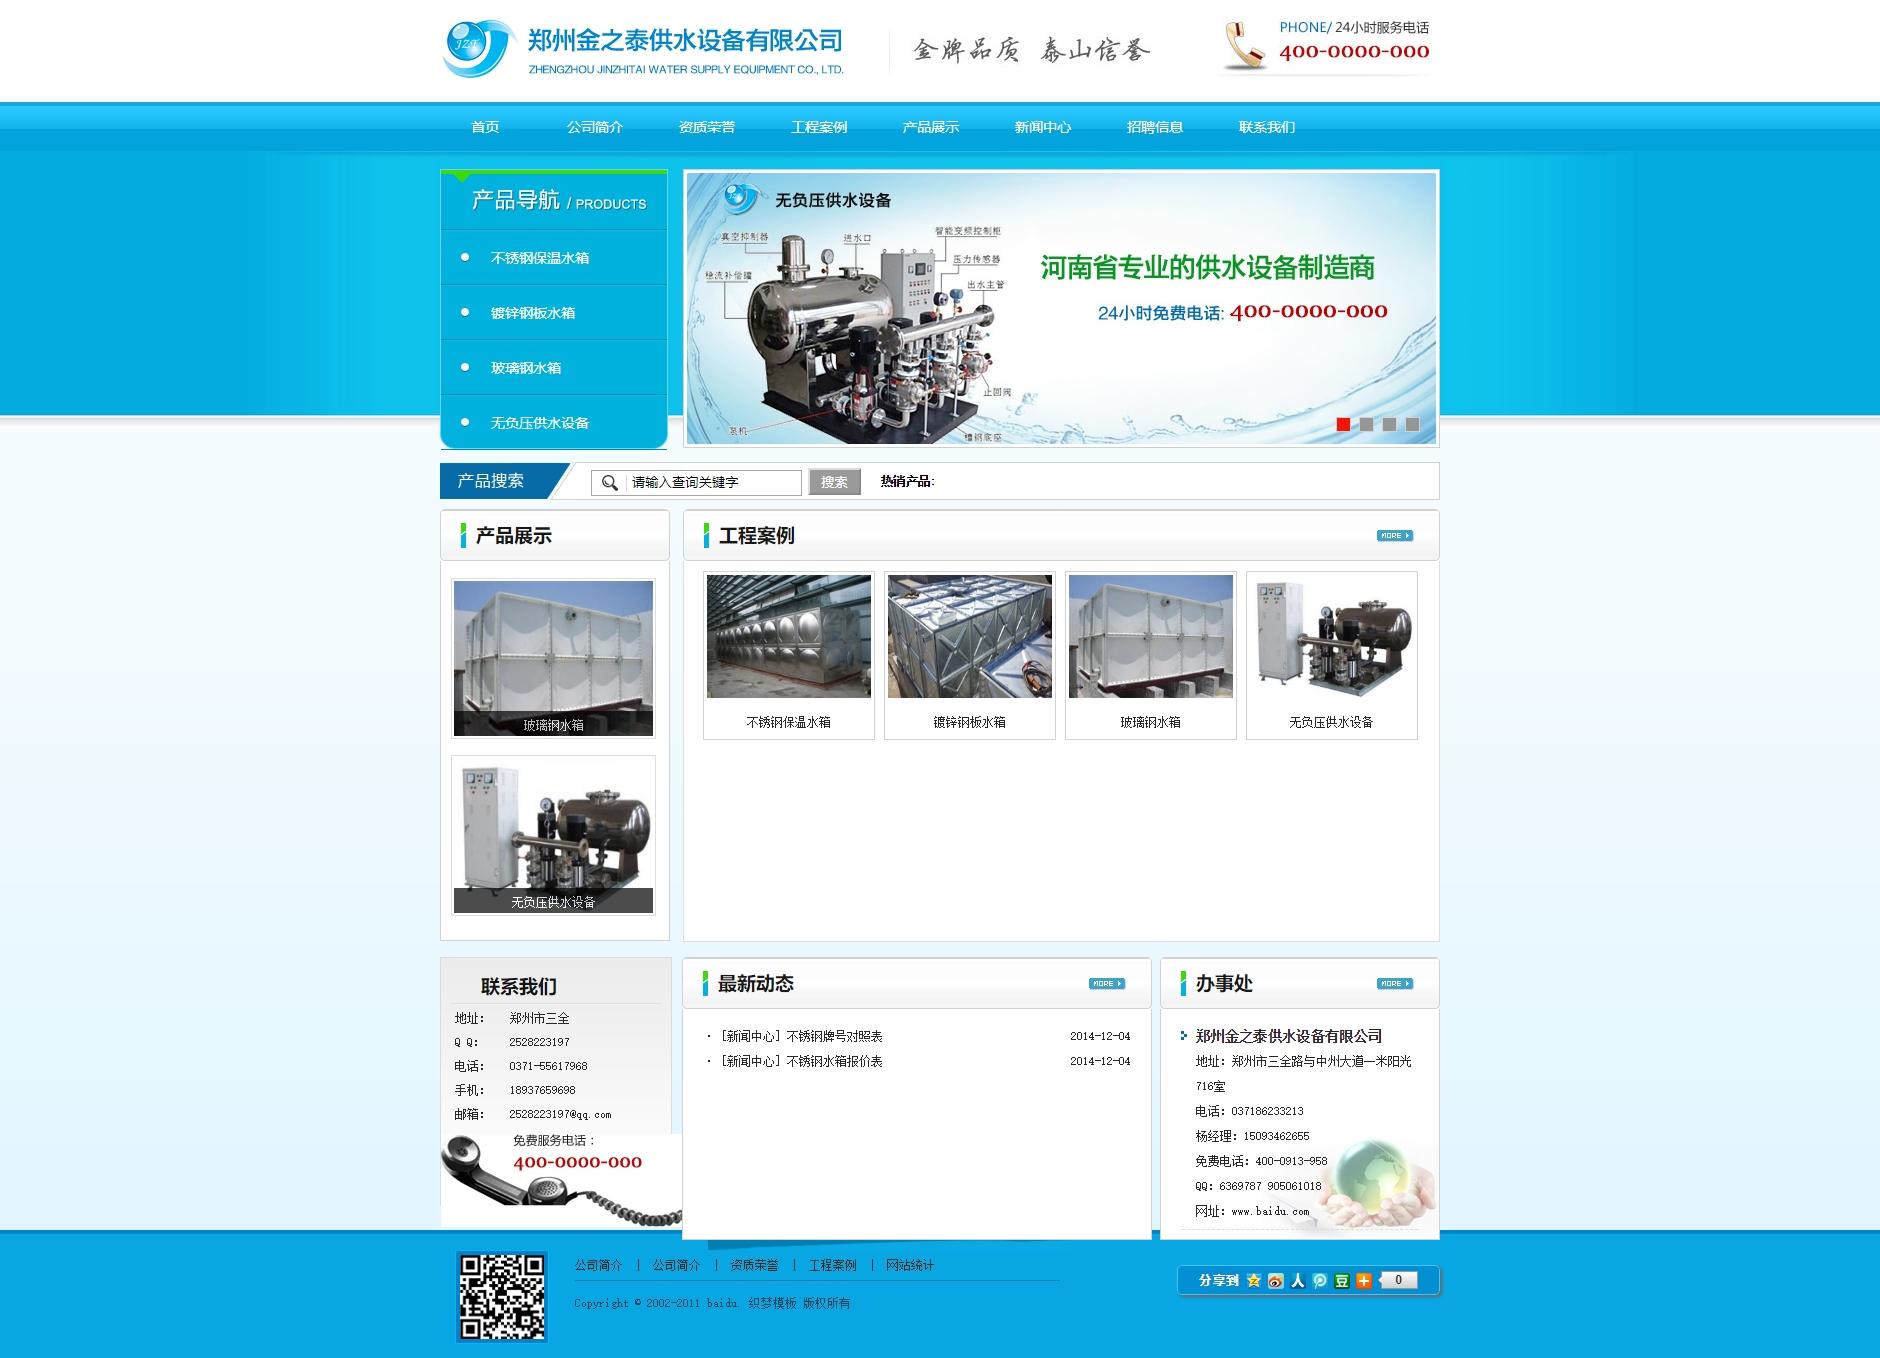 蓝色设备类企业网站织梦dedecms模板